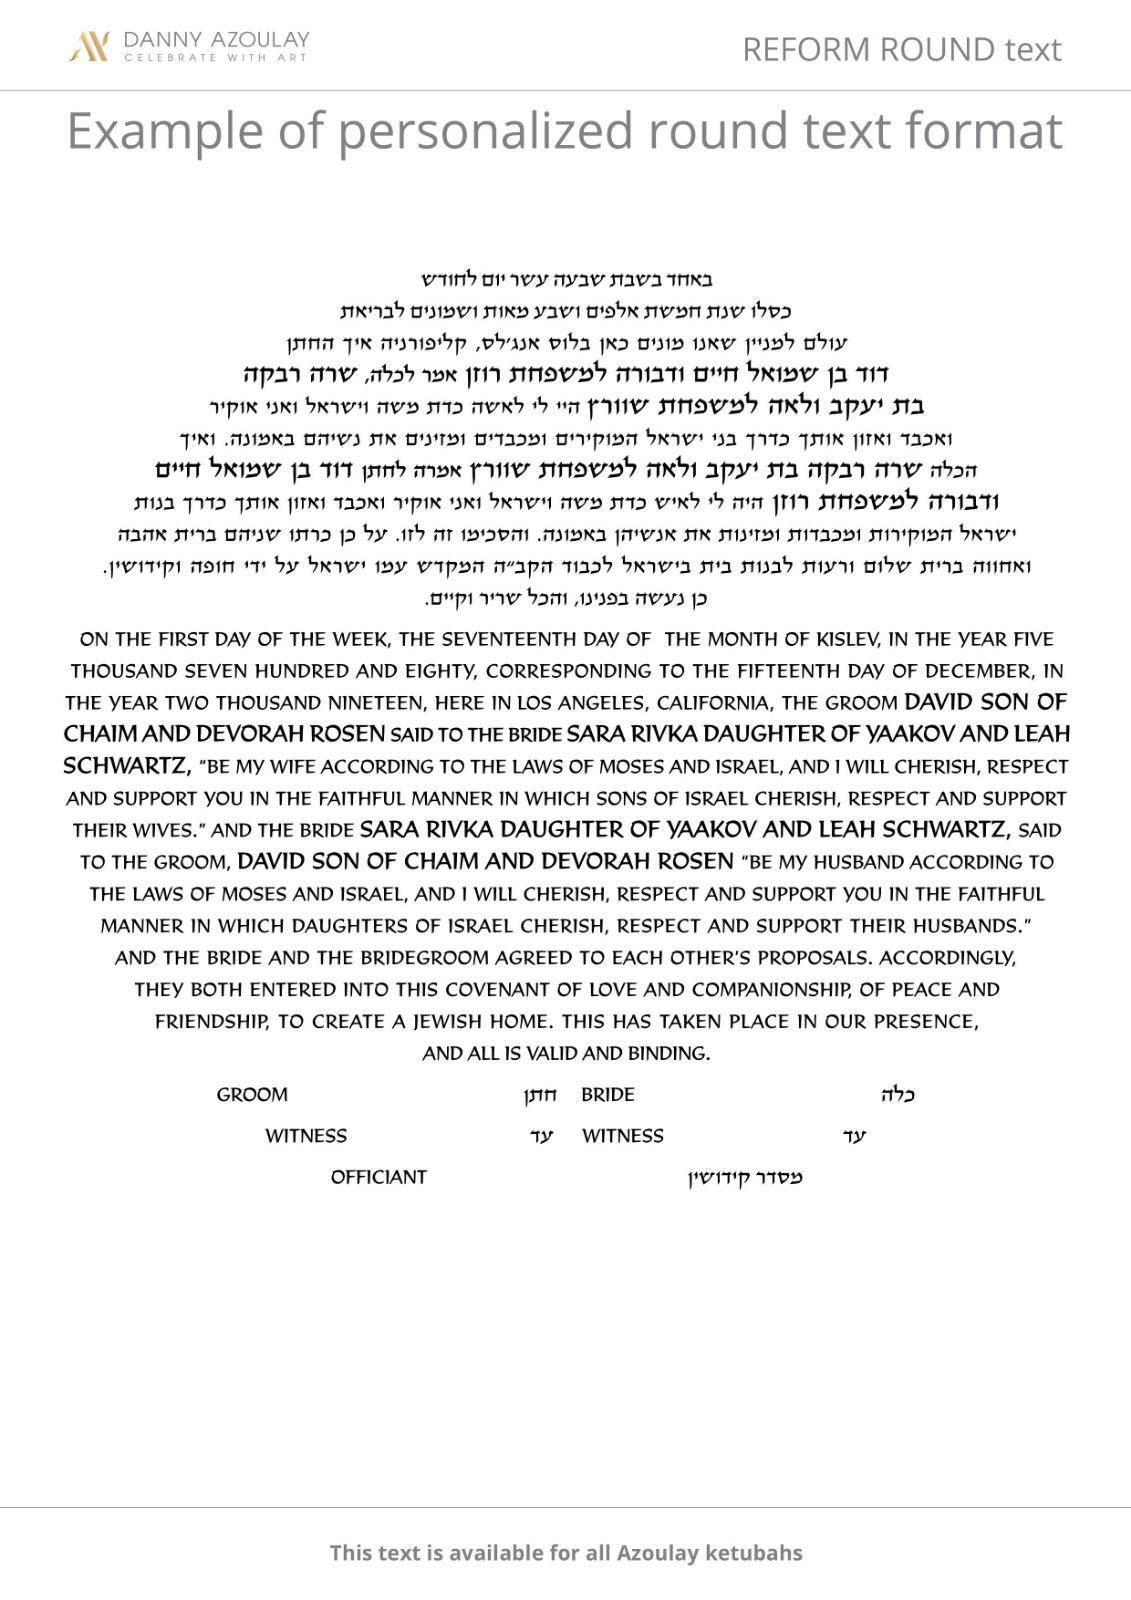 Reform text for ketubah